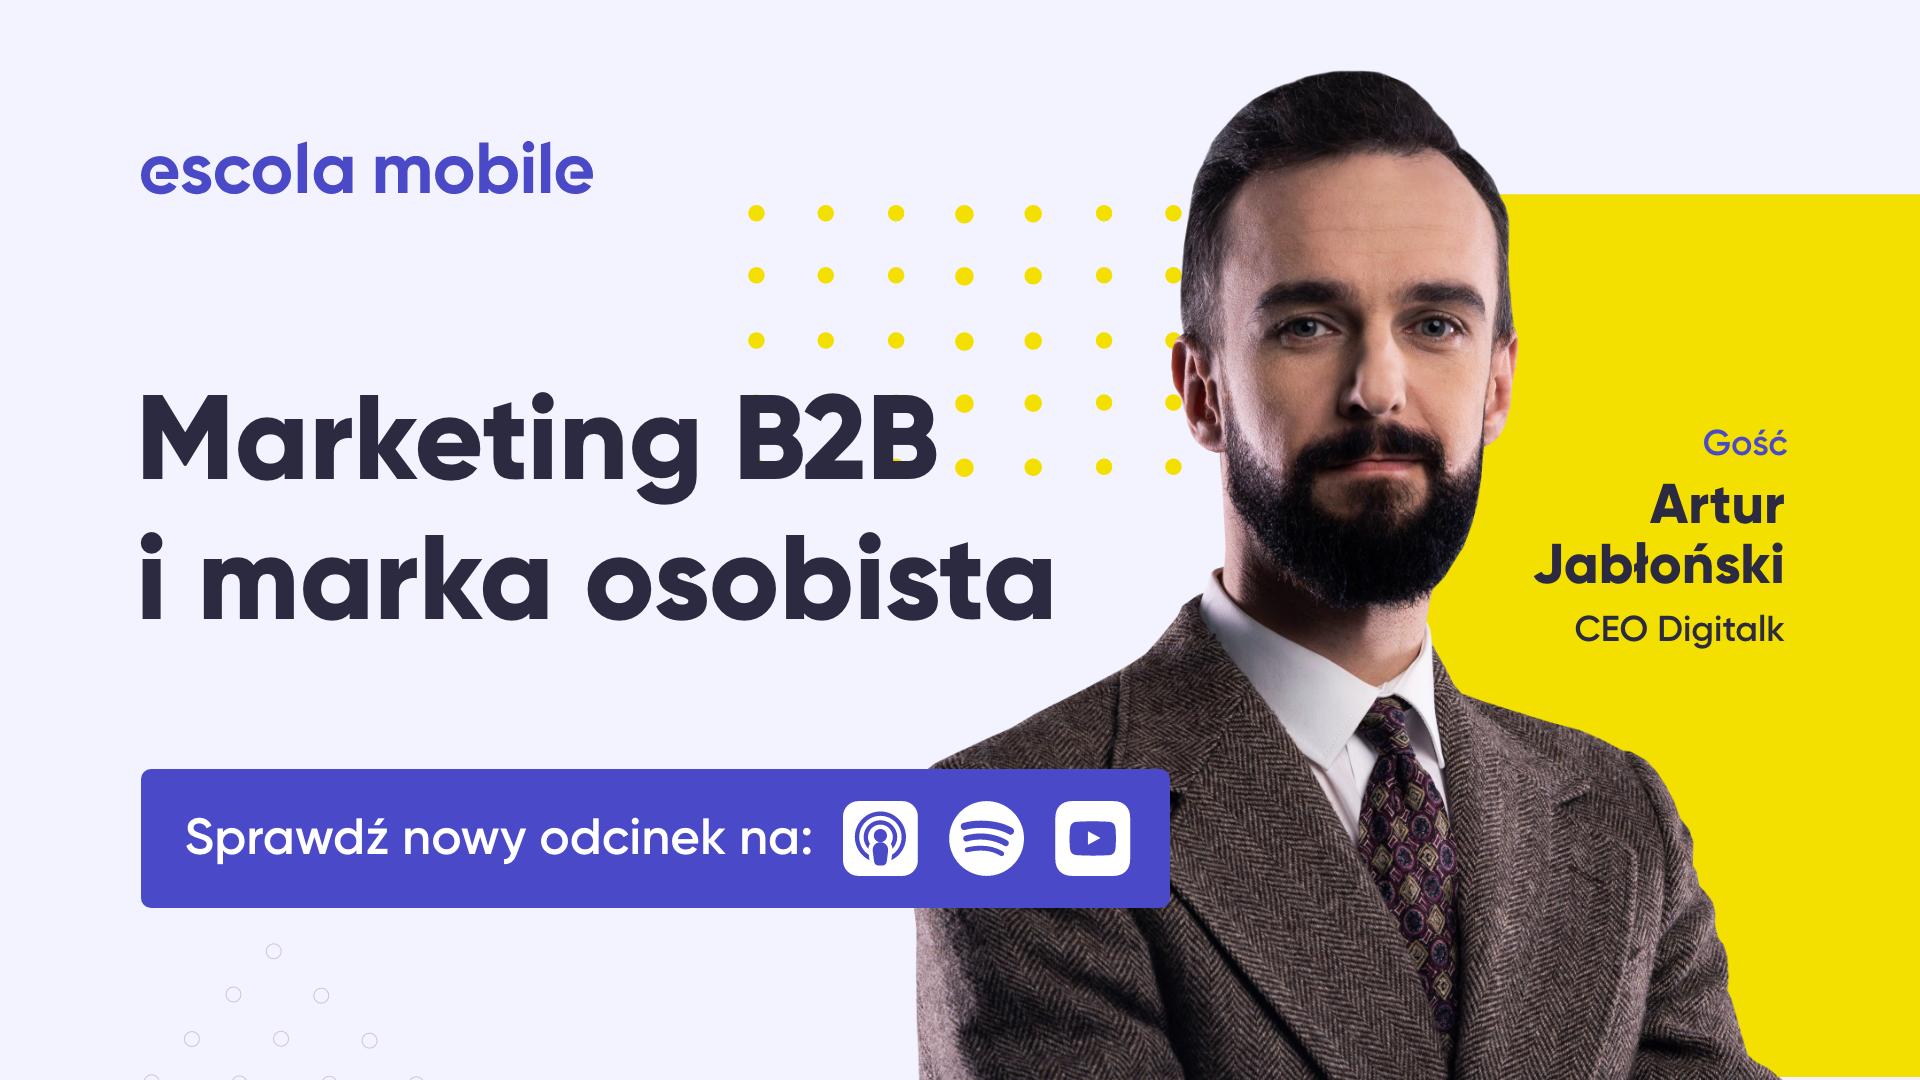 Marketing B2B dla CEO Artur Jabłoński (Digitalk) EM #85